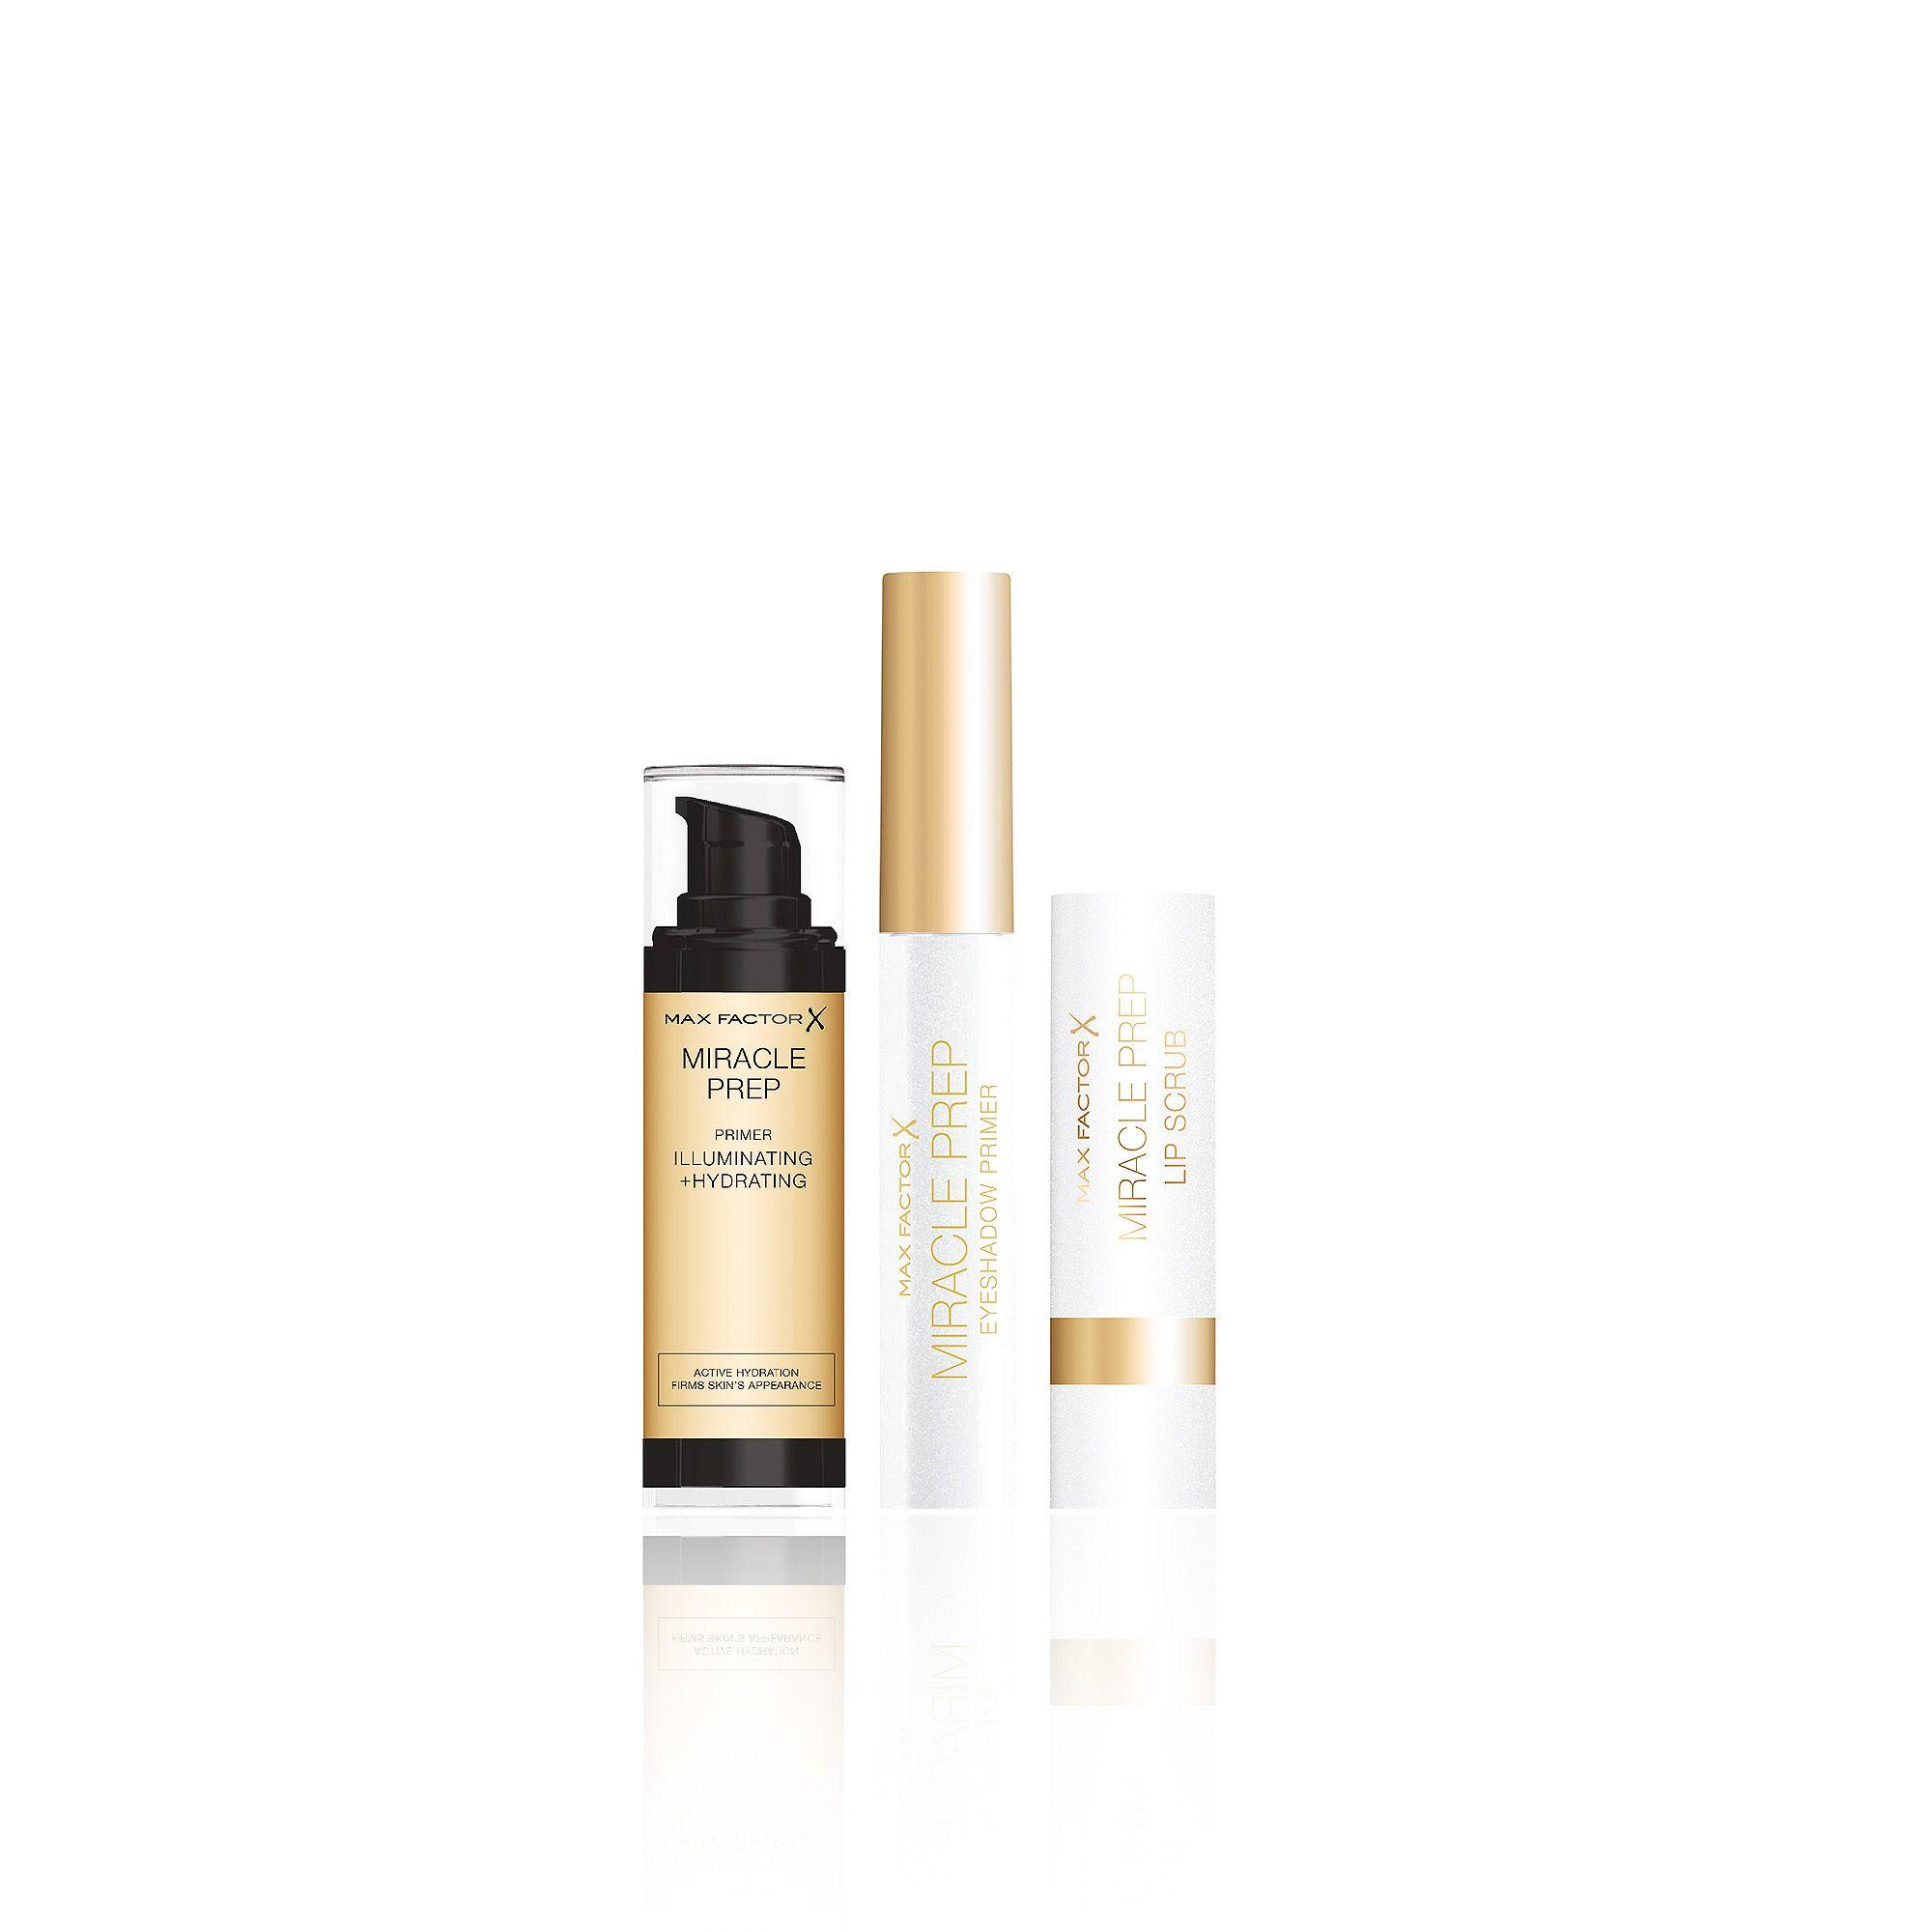 Image of Kit make-up: primer viso, primer occhi, scrub labbra